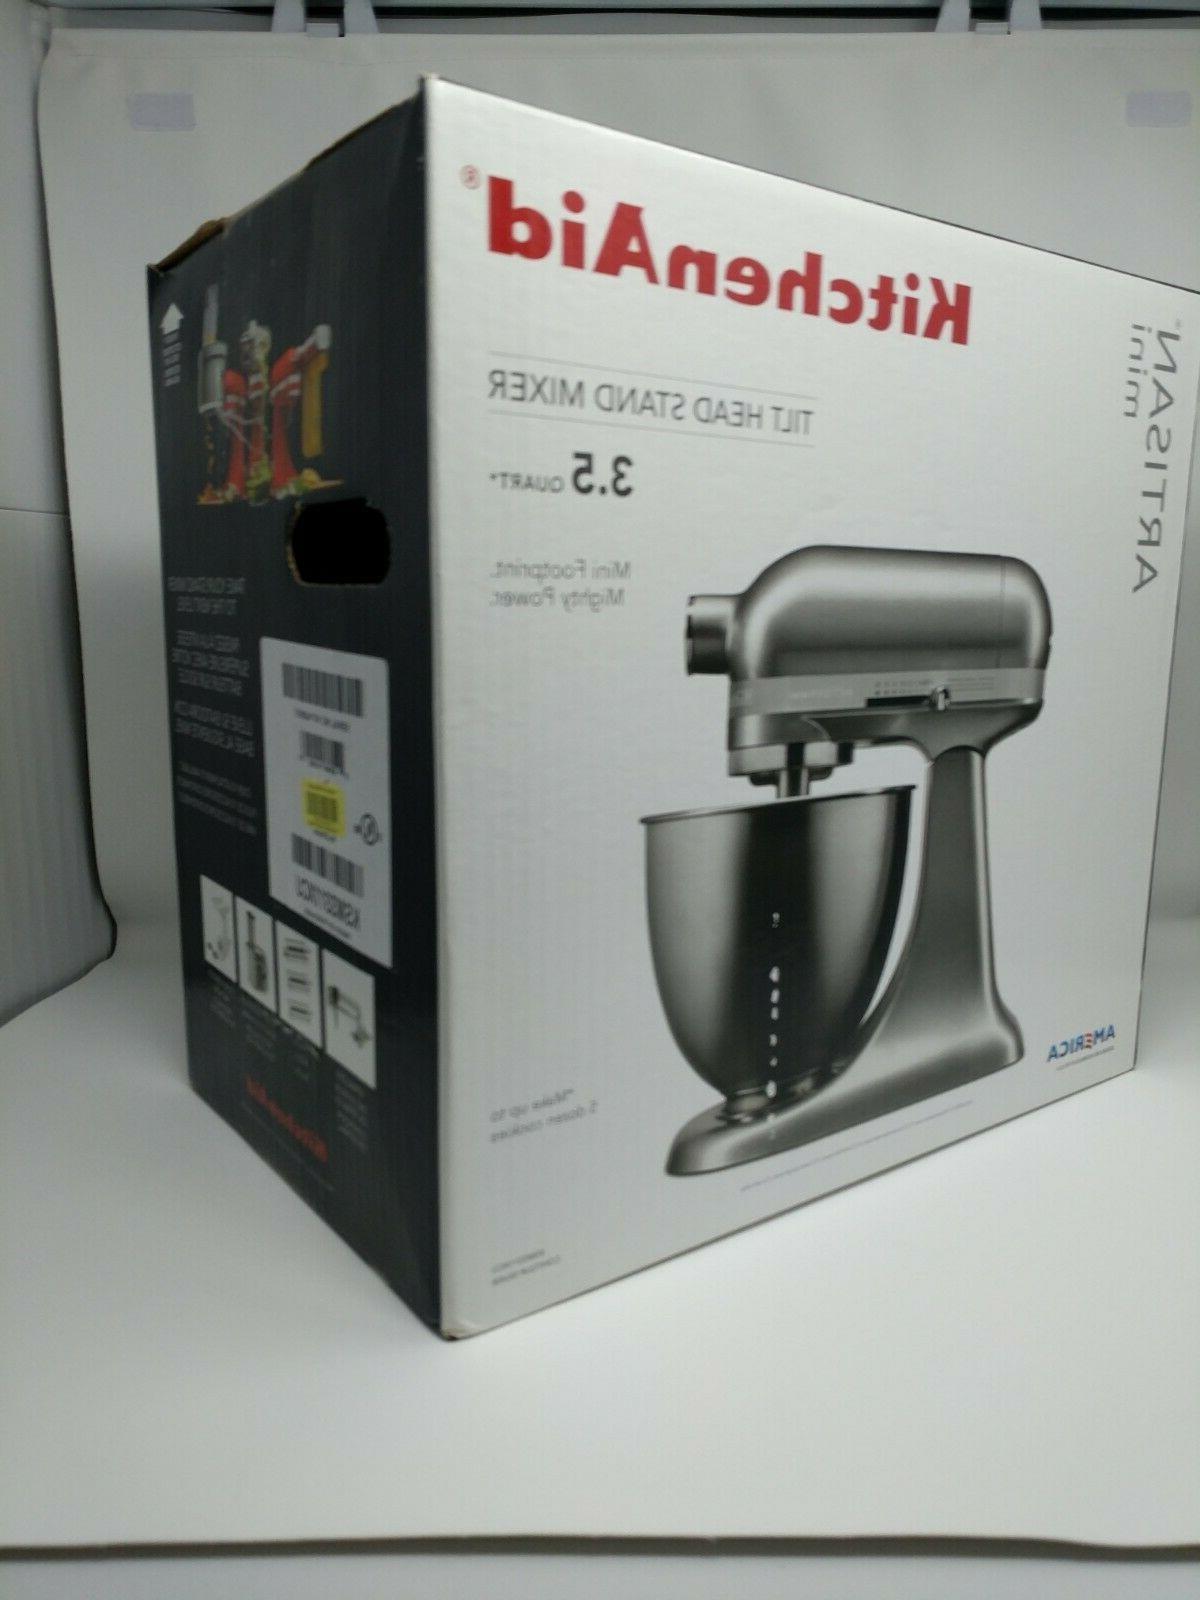 KitchenAid Tilt-Head Mixer qt